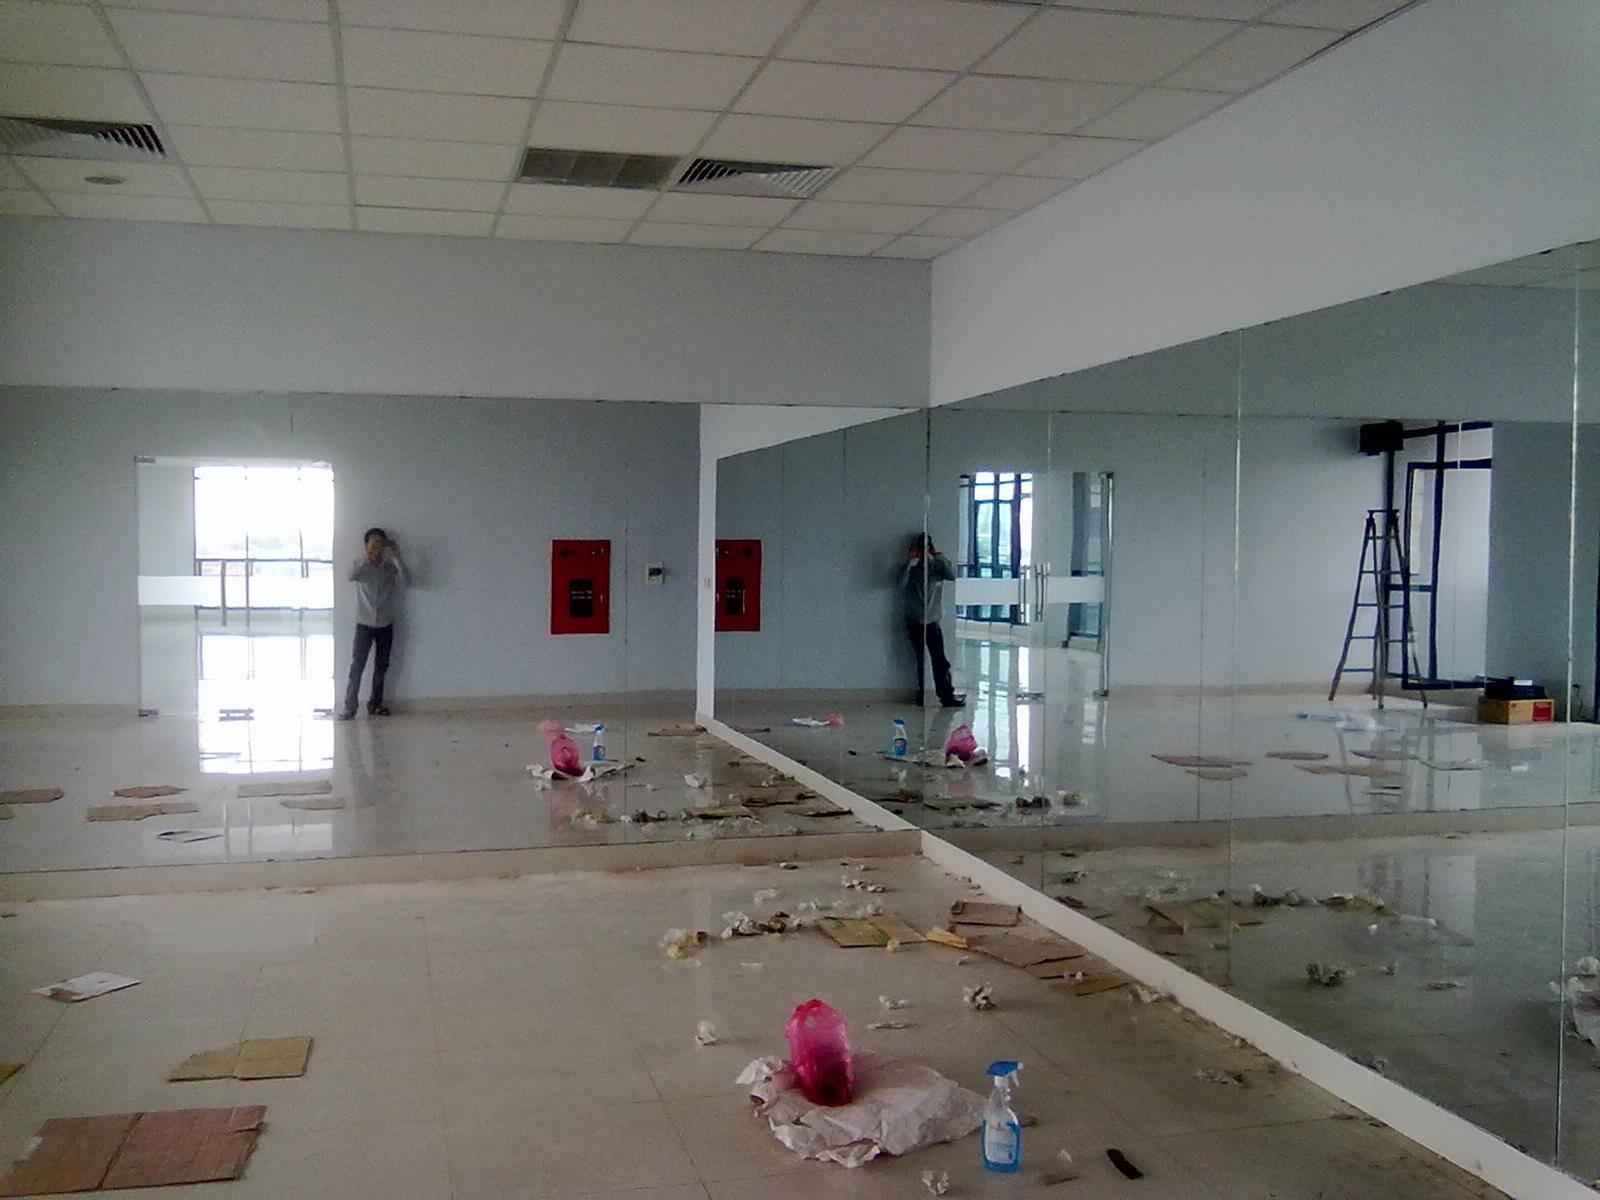 Gương phòng tập tại bán đảo linh đàm Gương phòng tập gym, yoga ,tập múa giá rẻ nhất tại hà nội